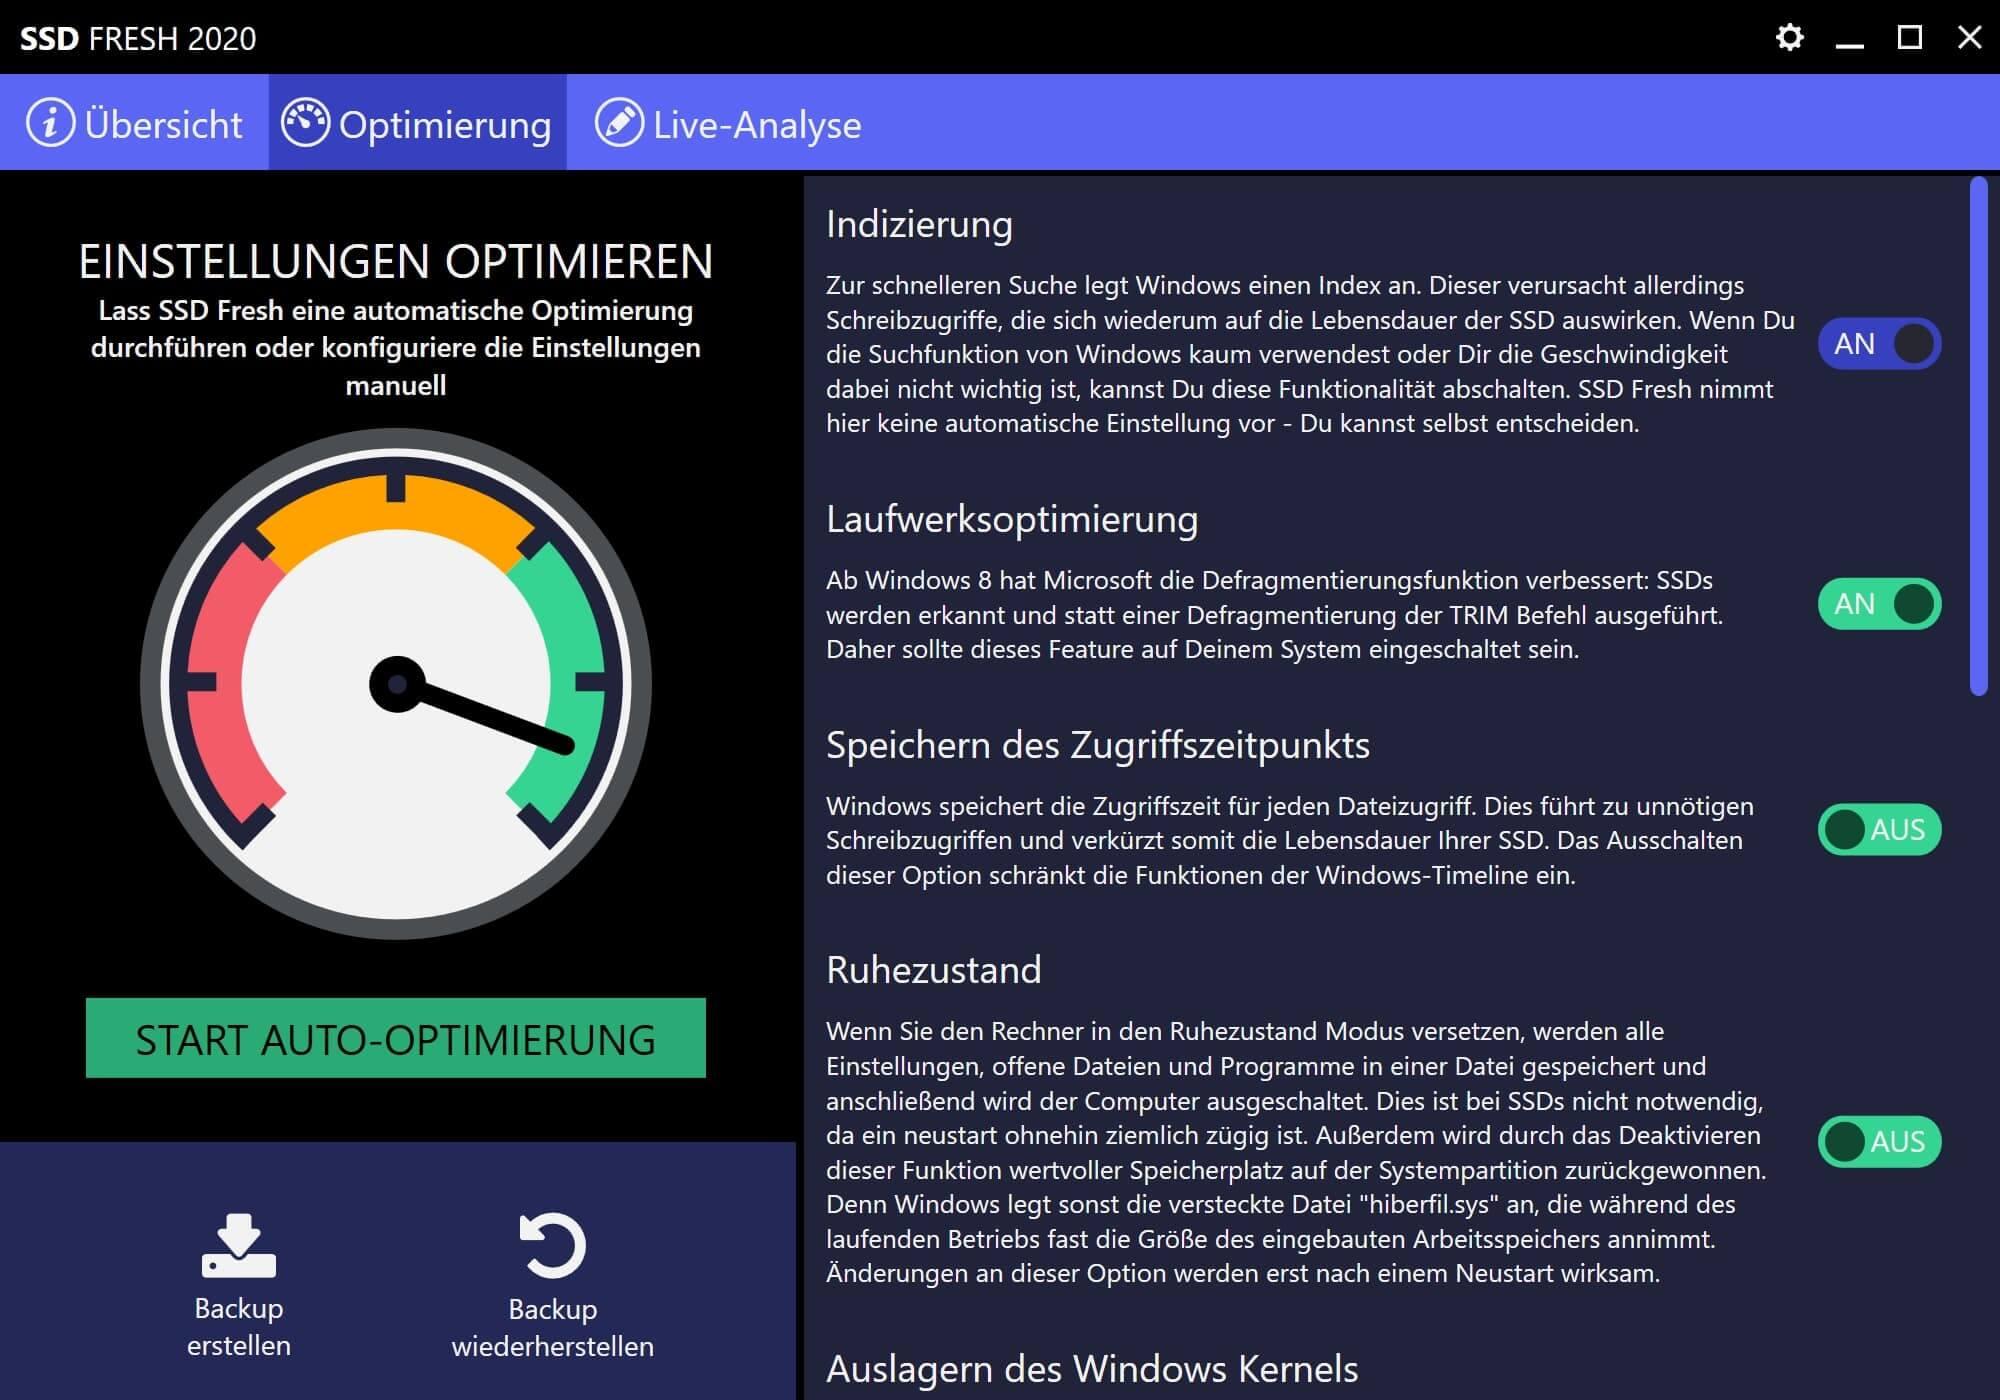 Windows 10 SSD optimieren - Optimierung erfolgreich